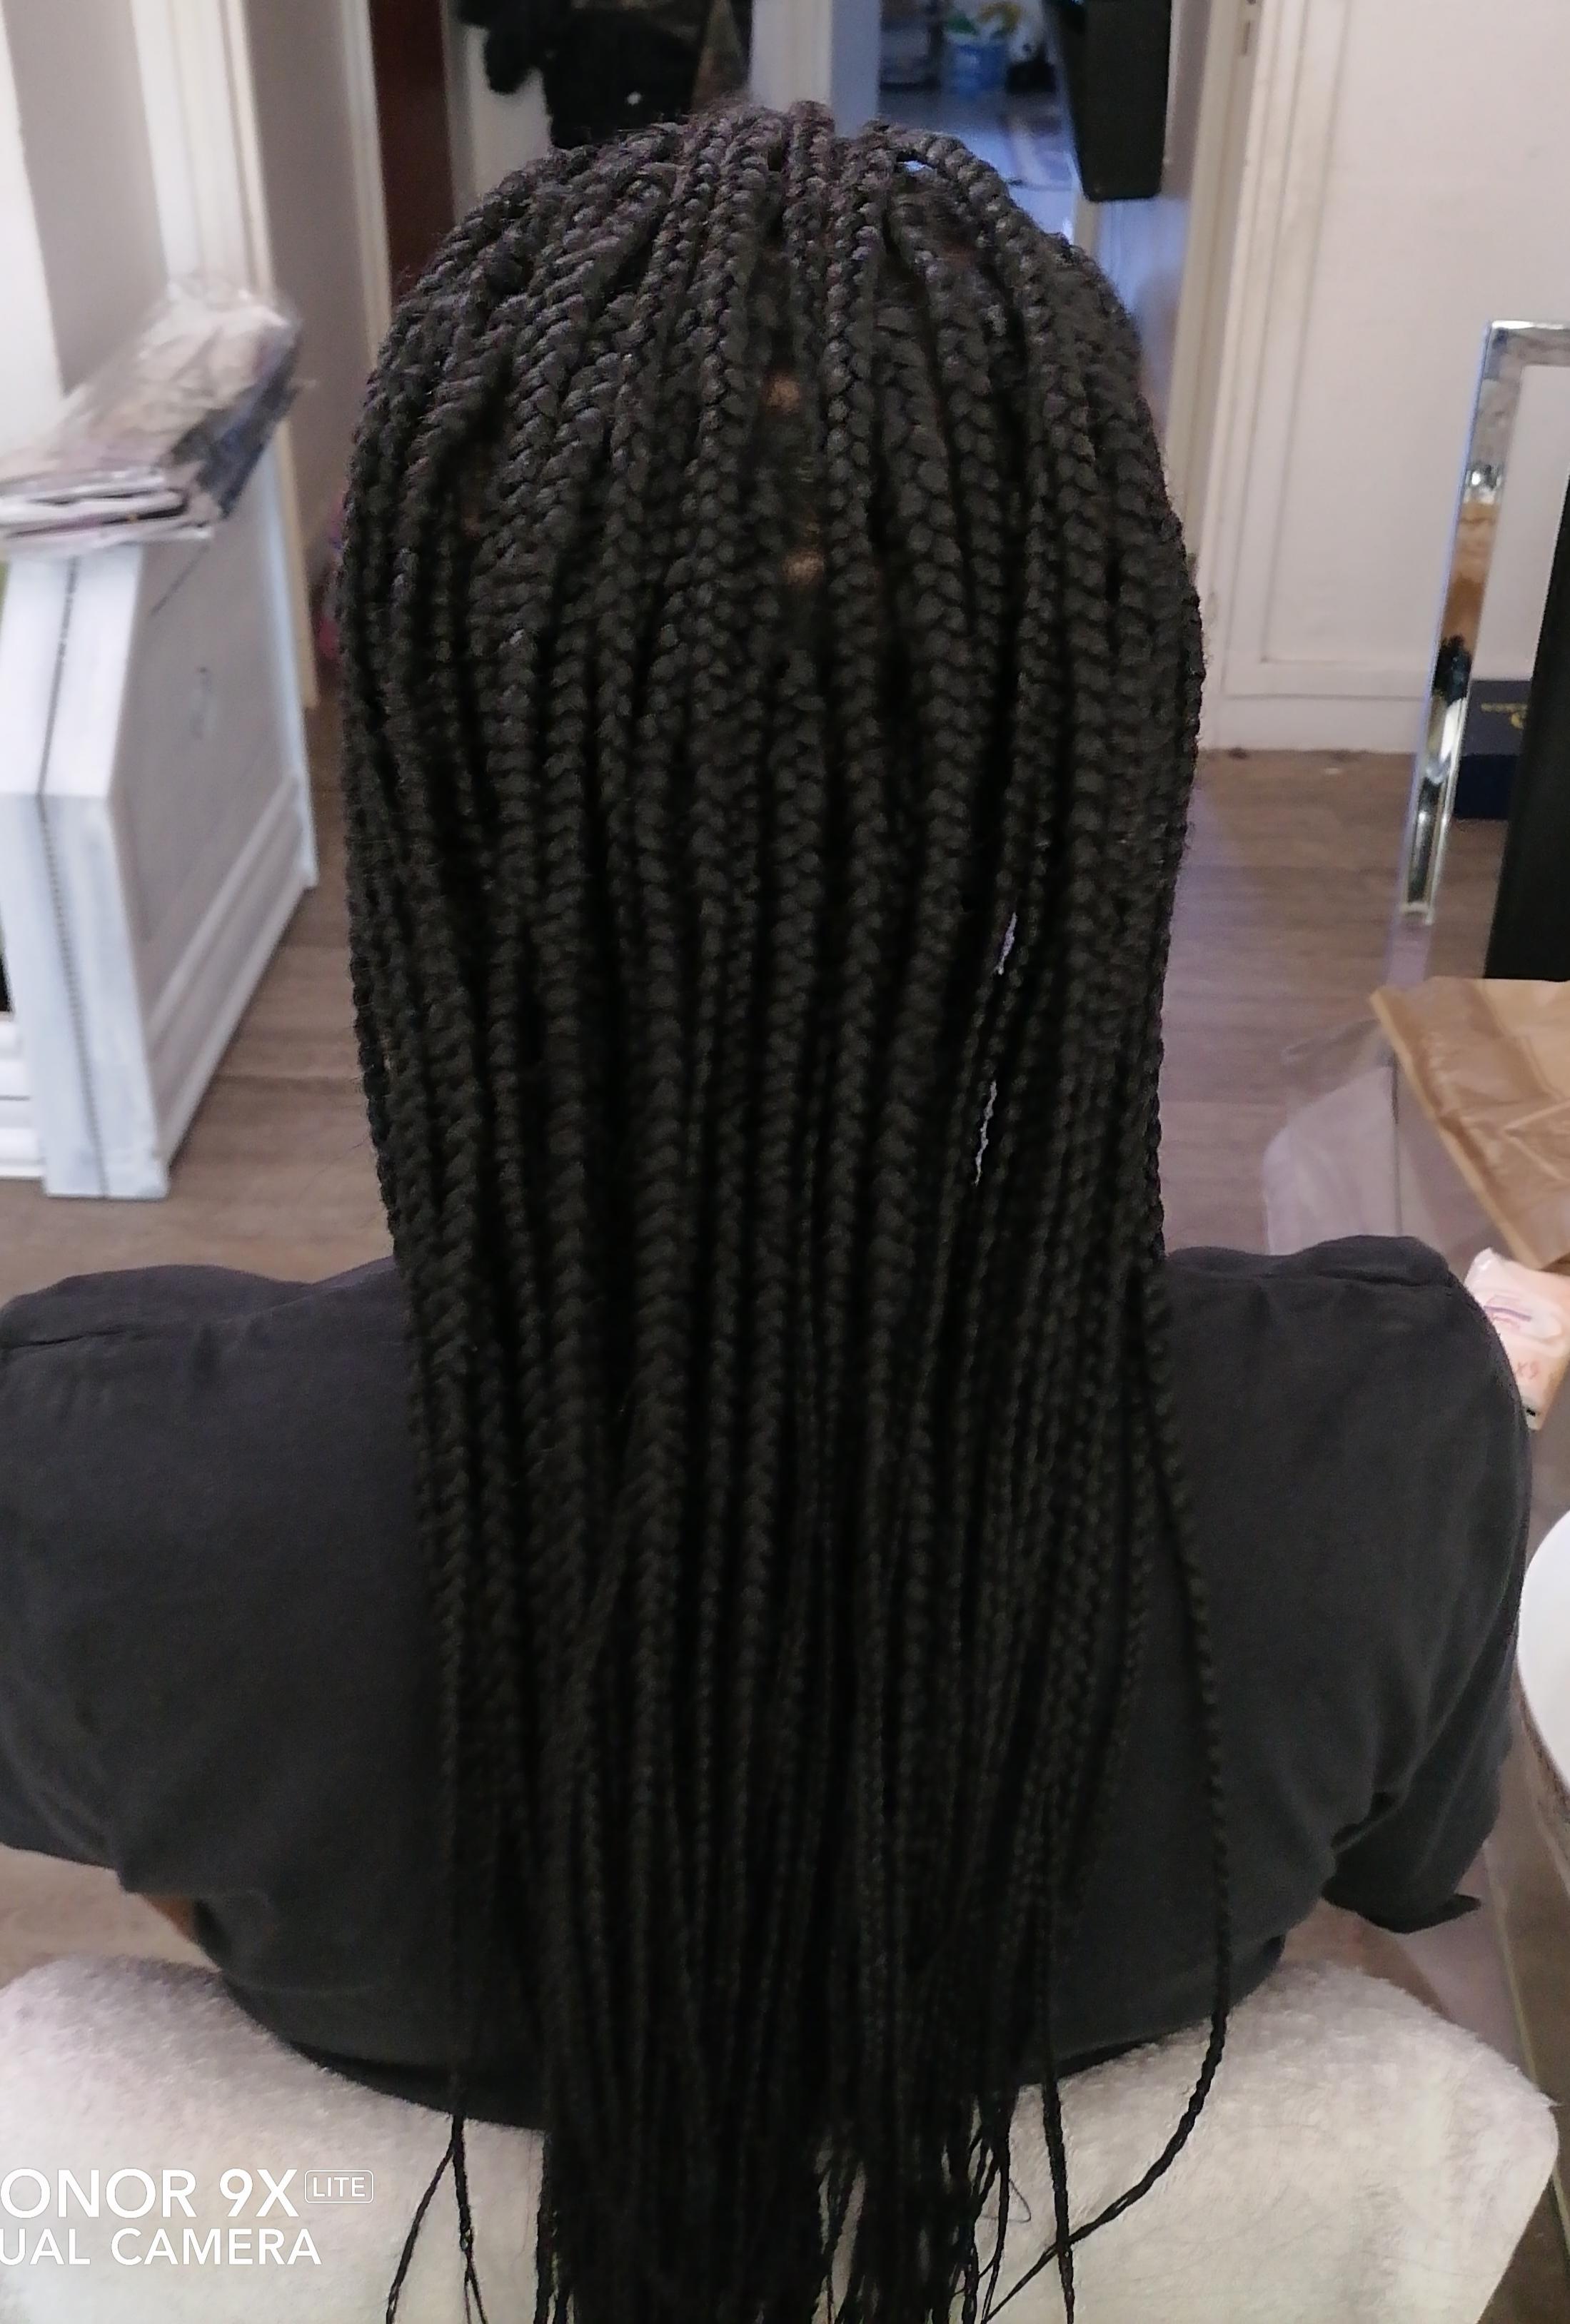 salon de coiffure afro tresse tresses box braids crochet braids vanilles tissages paris 75 77 78 91 92 93 94 95 WLJBIGWM